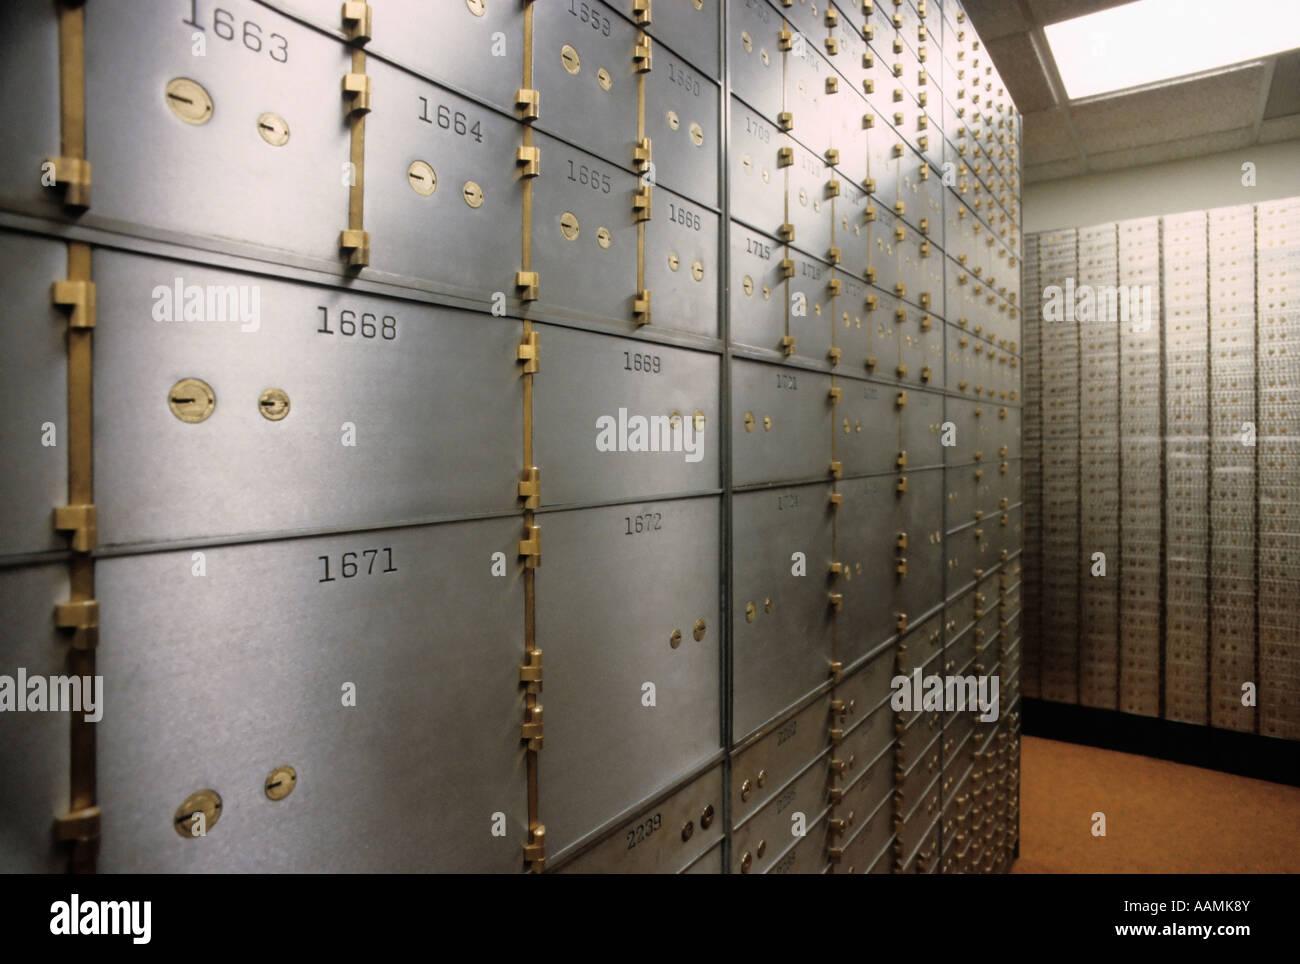 Safe deposit boxes - Stock Image